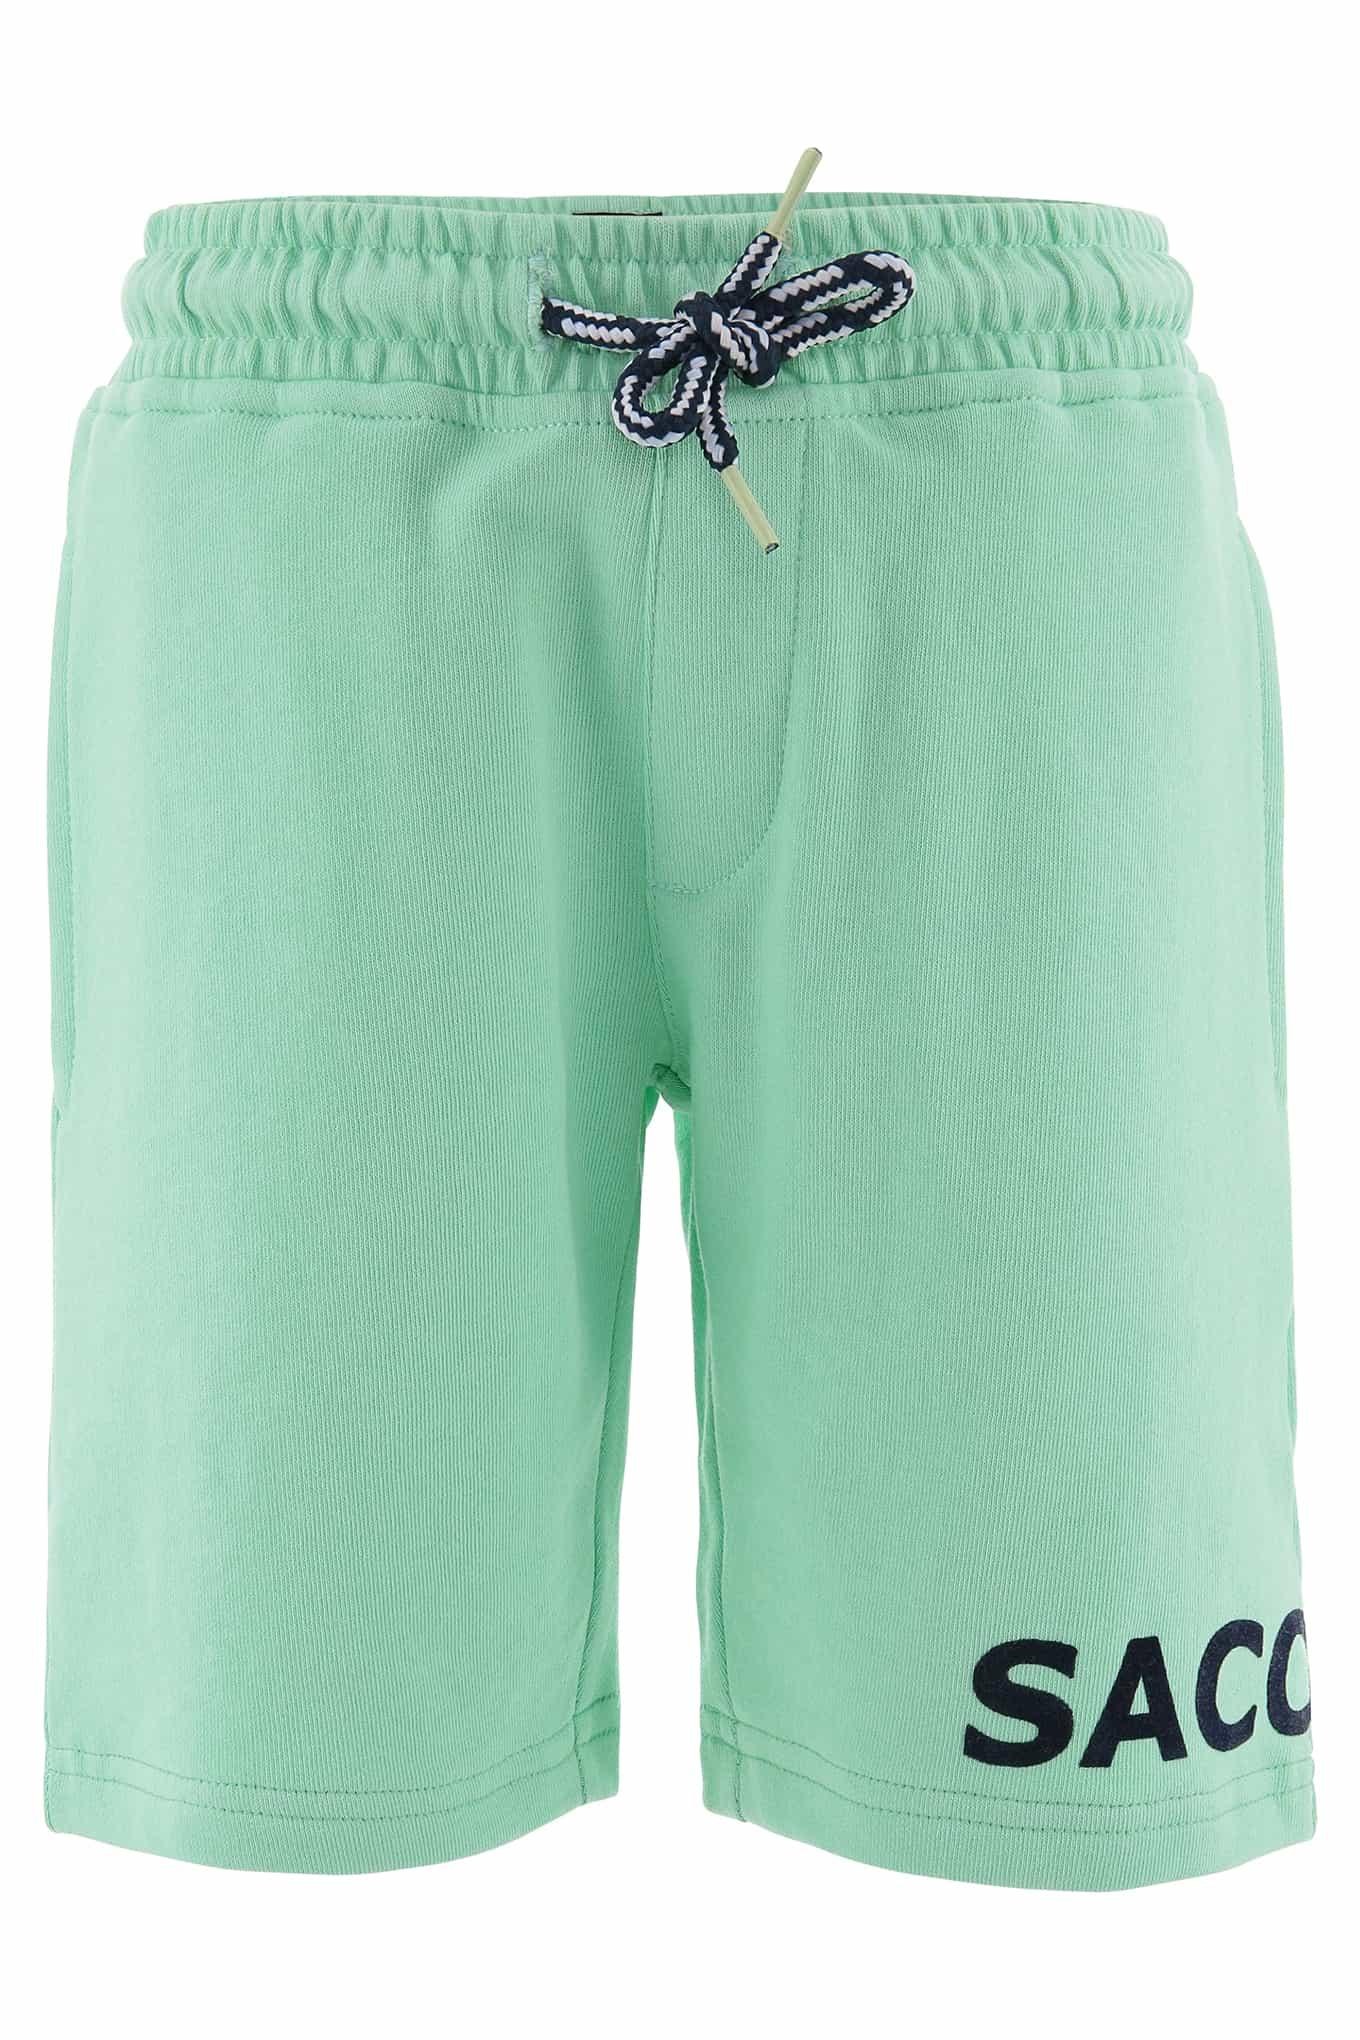 Sportswear Shorts Mint Sport Boy